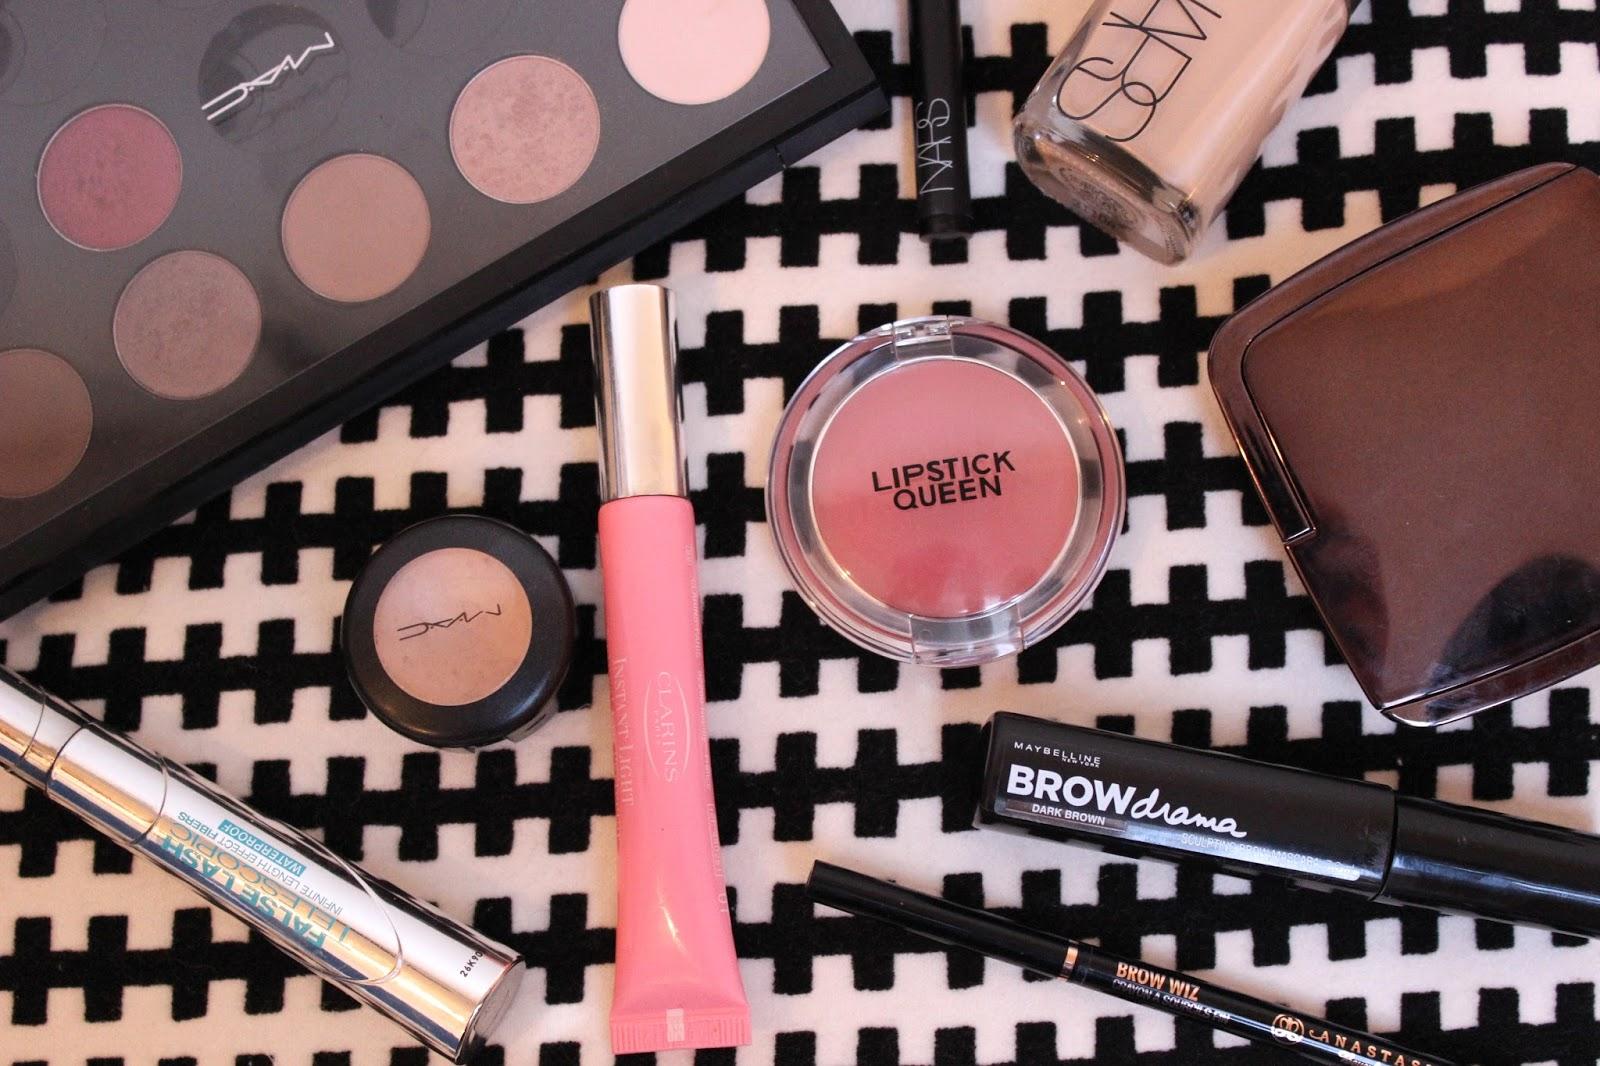 Space NK Spring Makeup Look